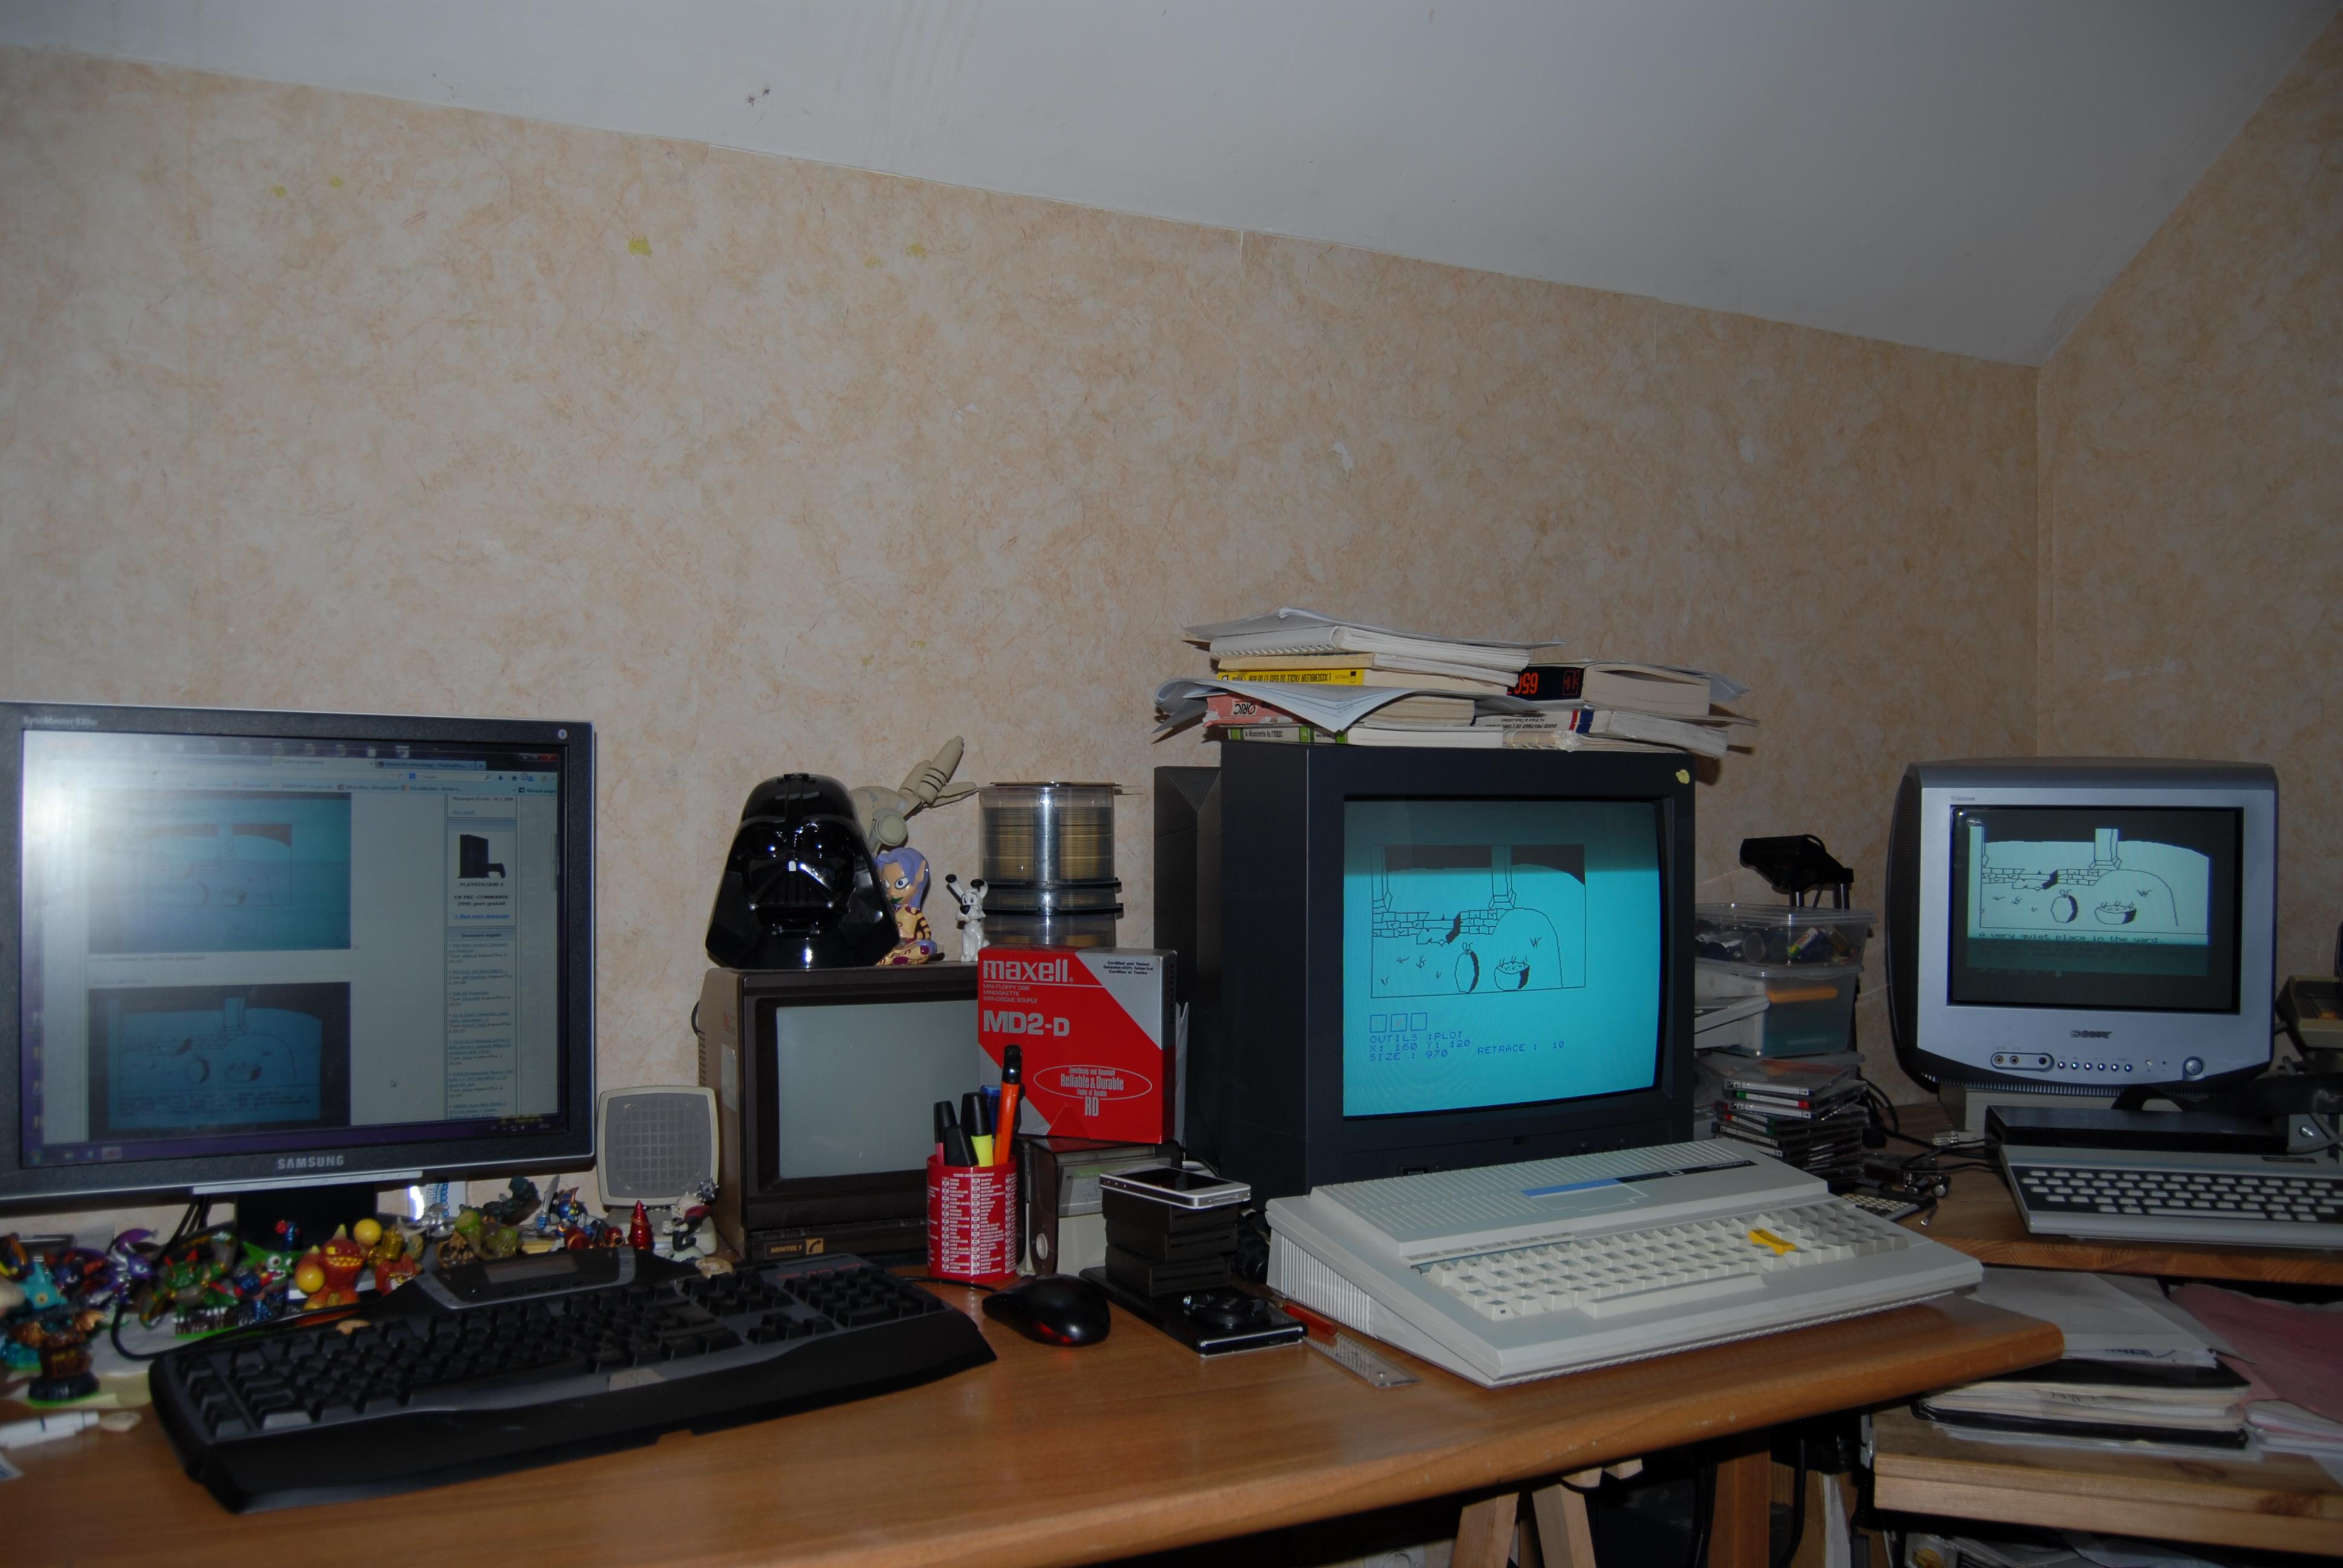 [C64 Disponible] ATHANOR Jeu d'Aventure à l'ancienne sur micro 8BIT - Page 14 412794DSC0298